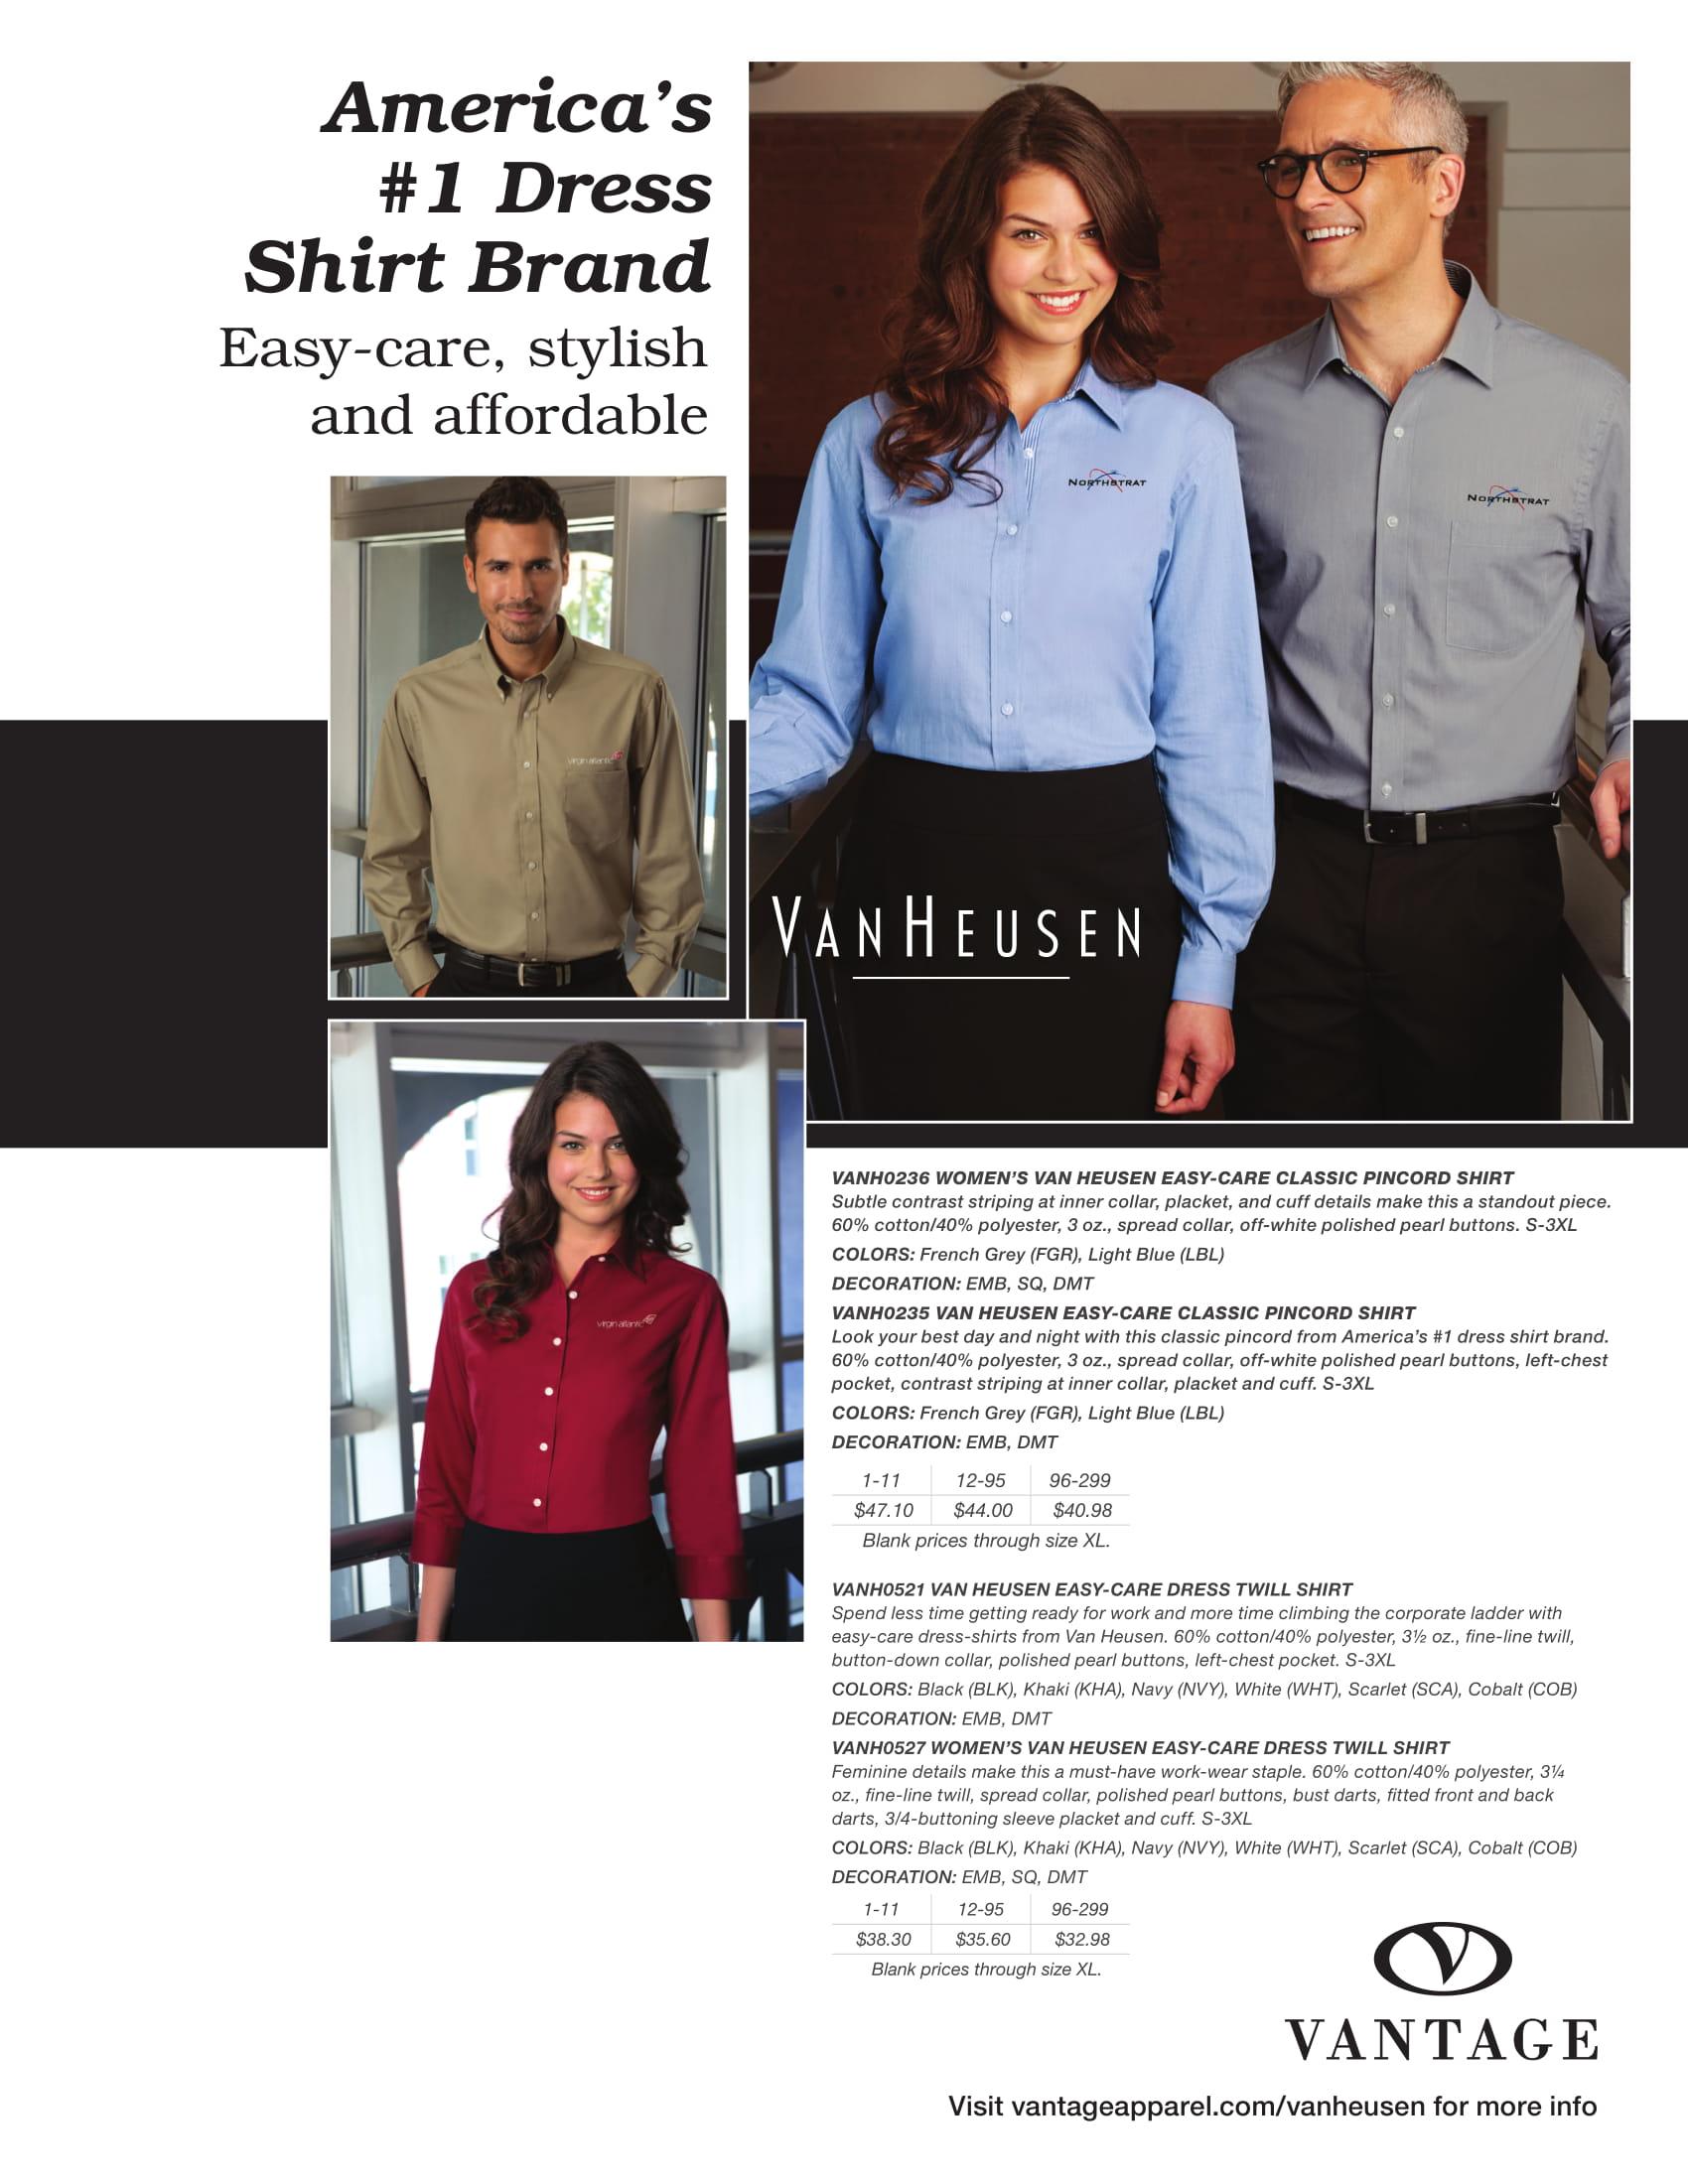 America's No 1 Dress Shirt Brand